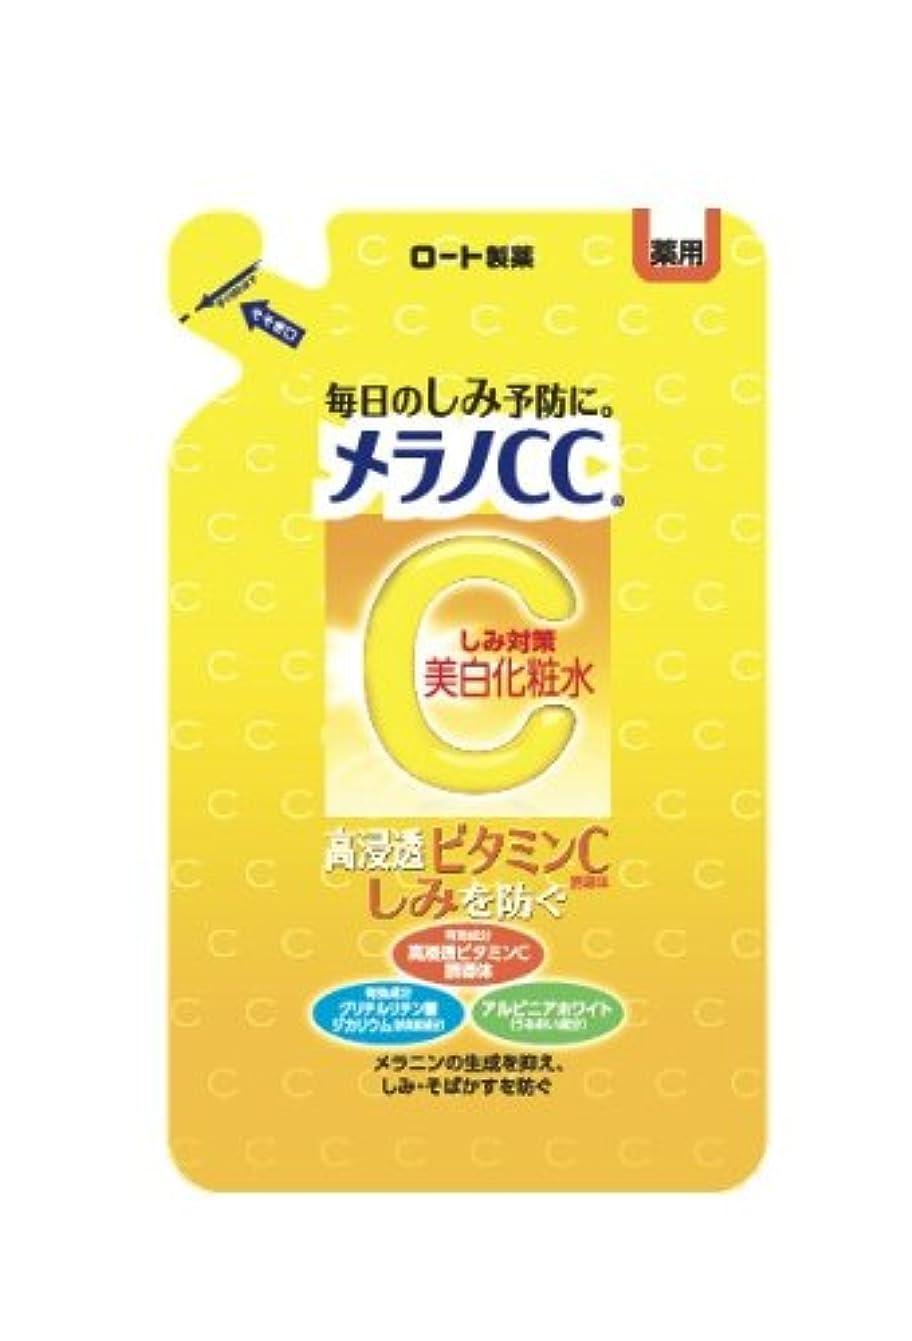 なかなか略奪運ぶ【医薬部外品】メラノCC 薬用しみ?そばかす対策 美白化粧水 詰替用 170mL